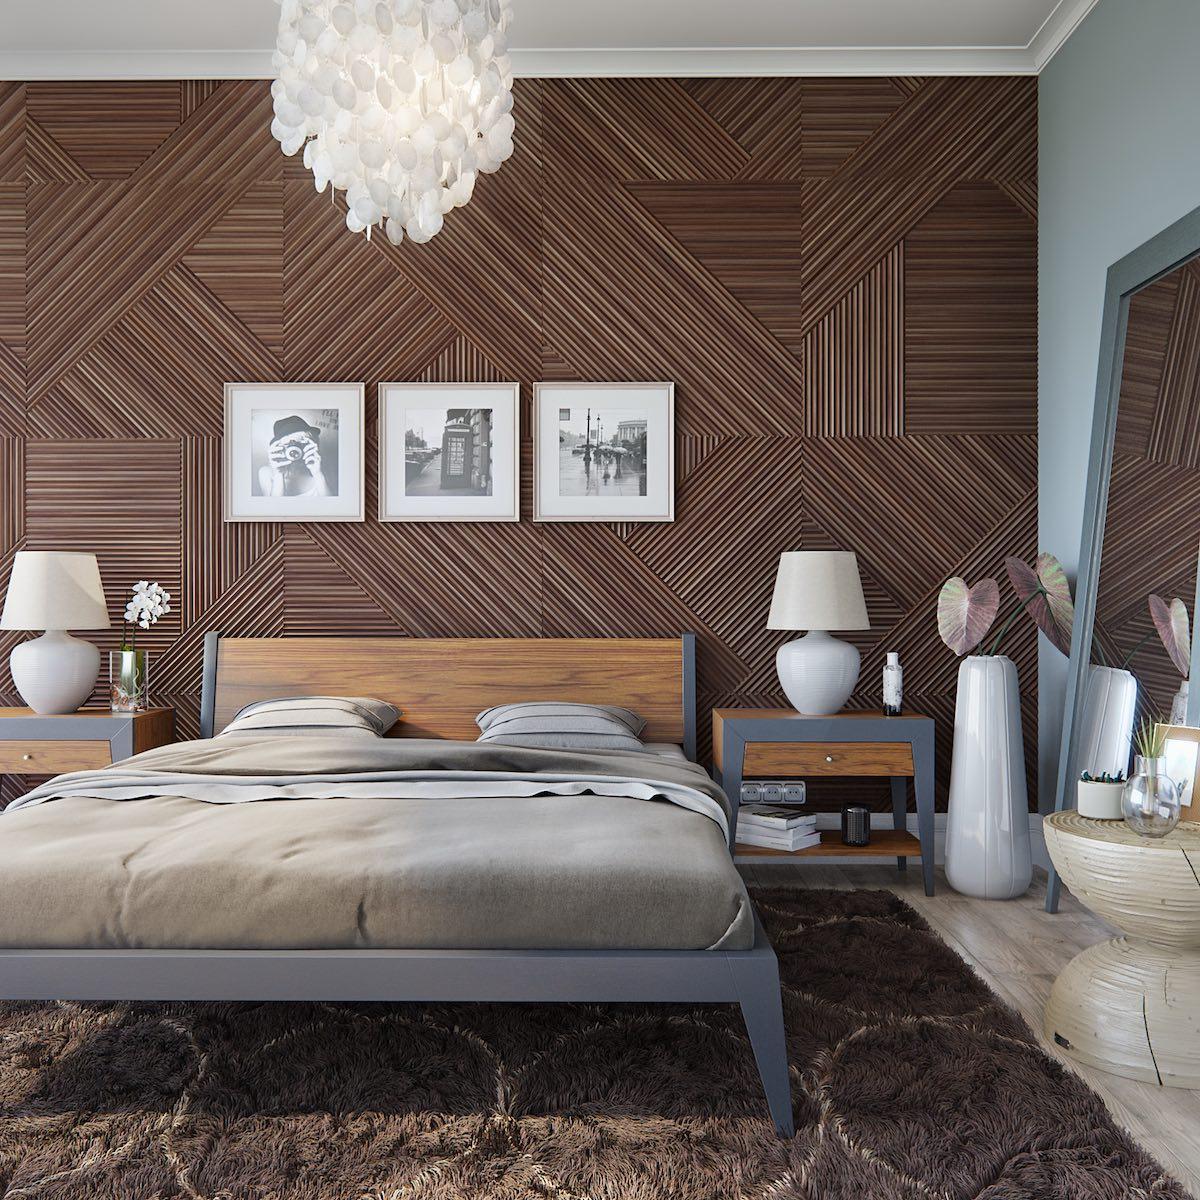 Кровать из массива ореха: привлекательная текстура натуральных пород (27 фото)